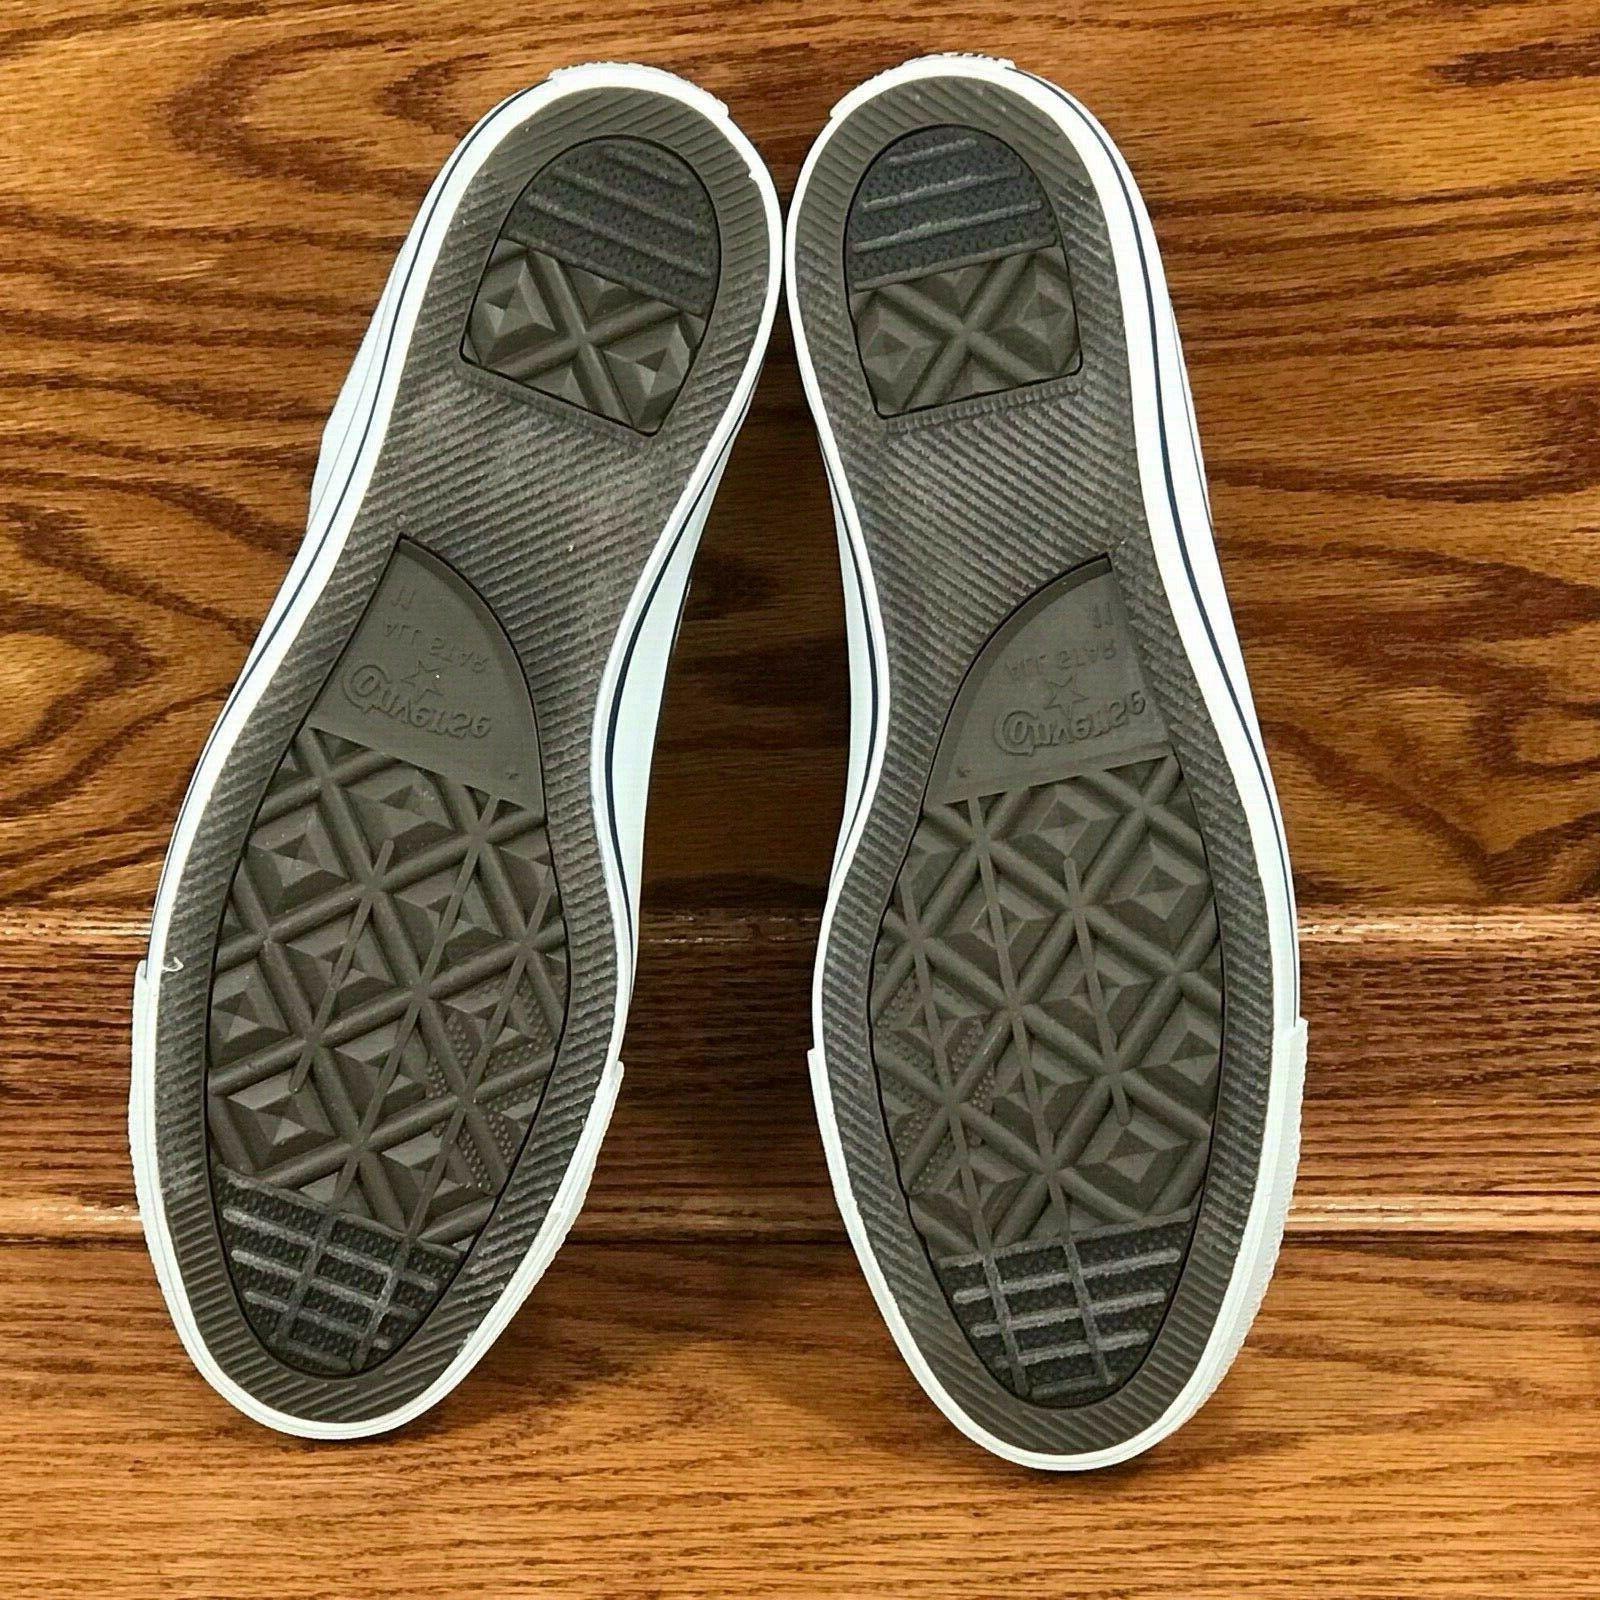 Converse OX Dress Shoes Size Men 11 13